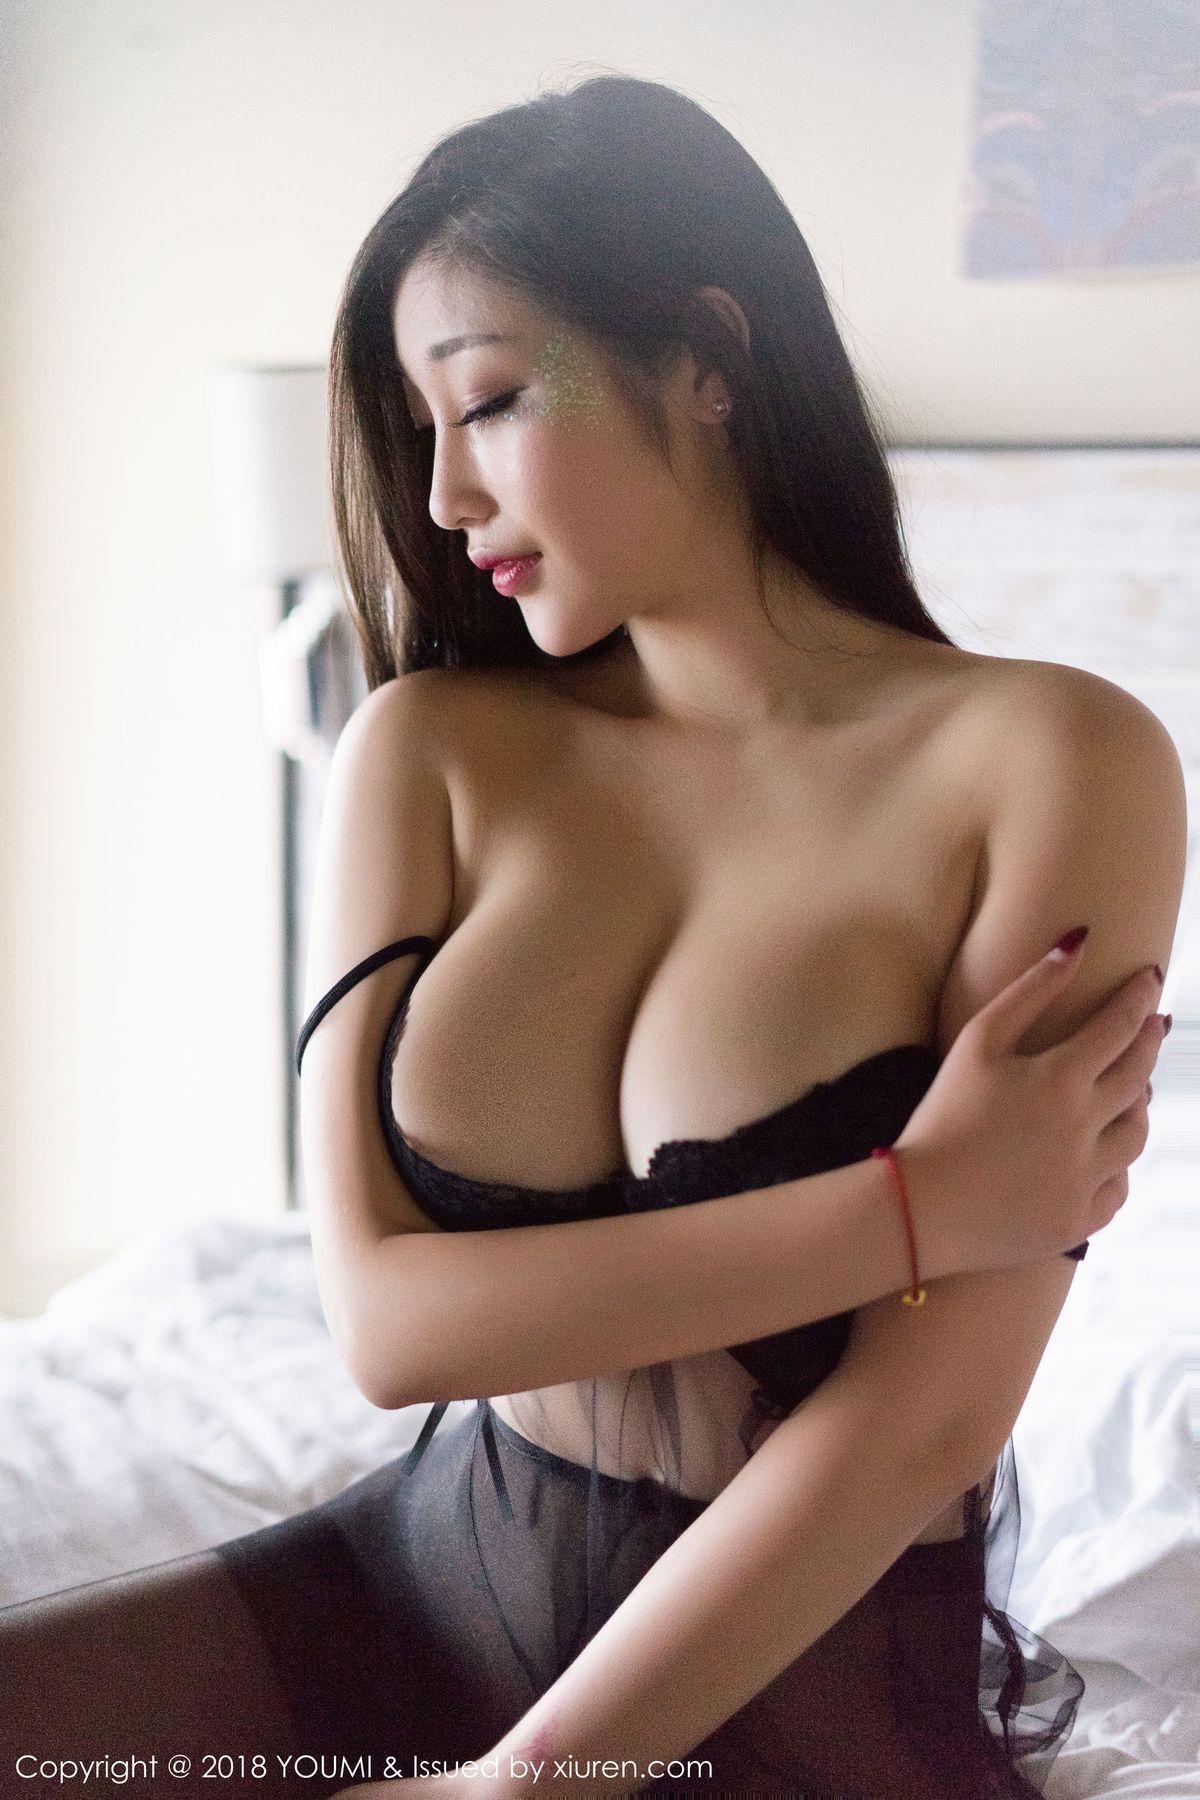 妲己_Toxic《黑丝诱惑+制服湿身》 [尤蜜荟YouMi] Vol.207 写真集1